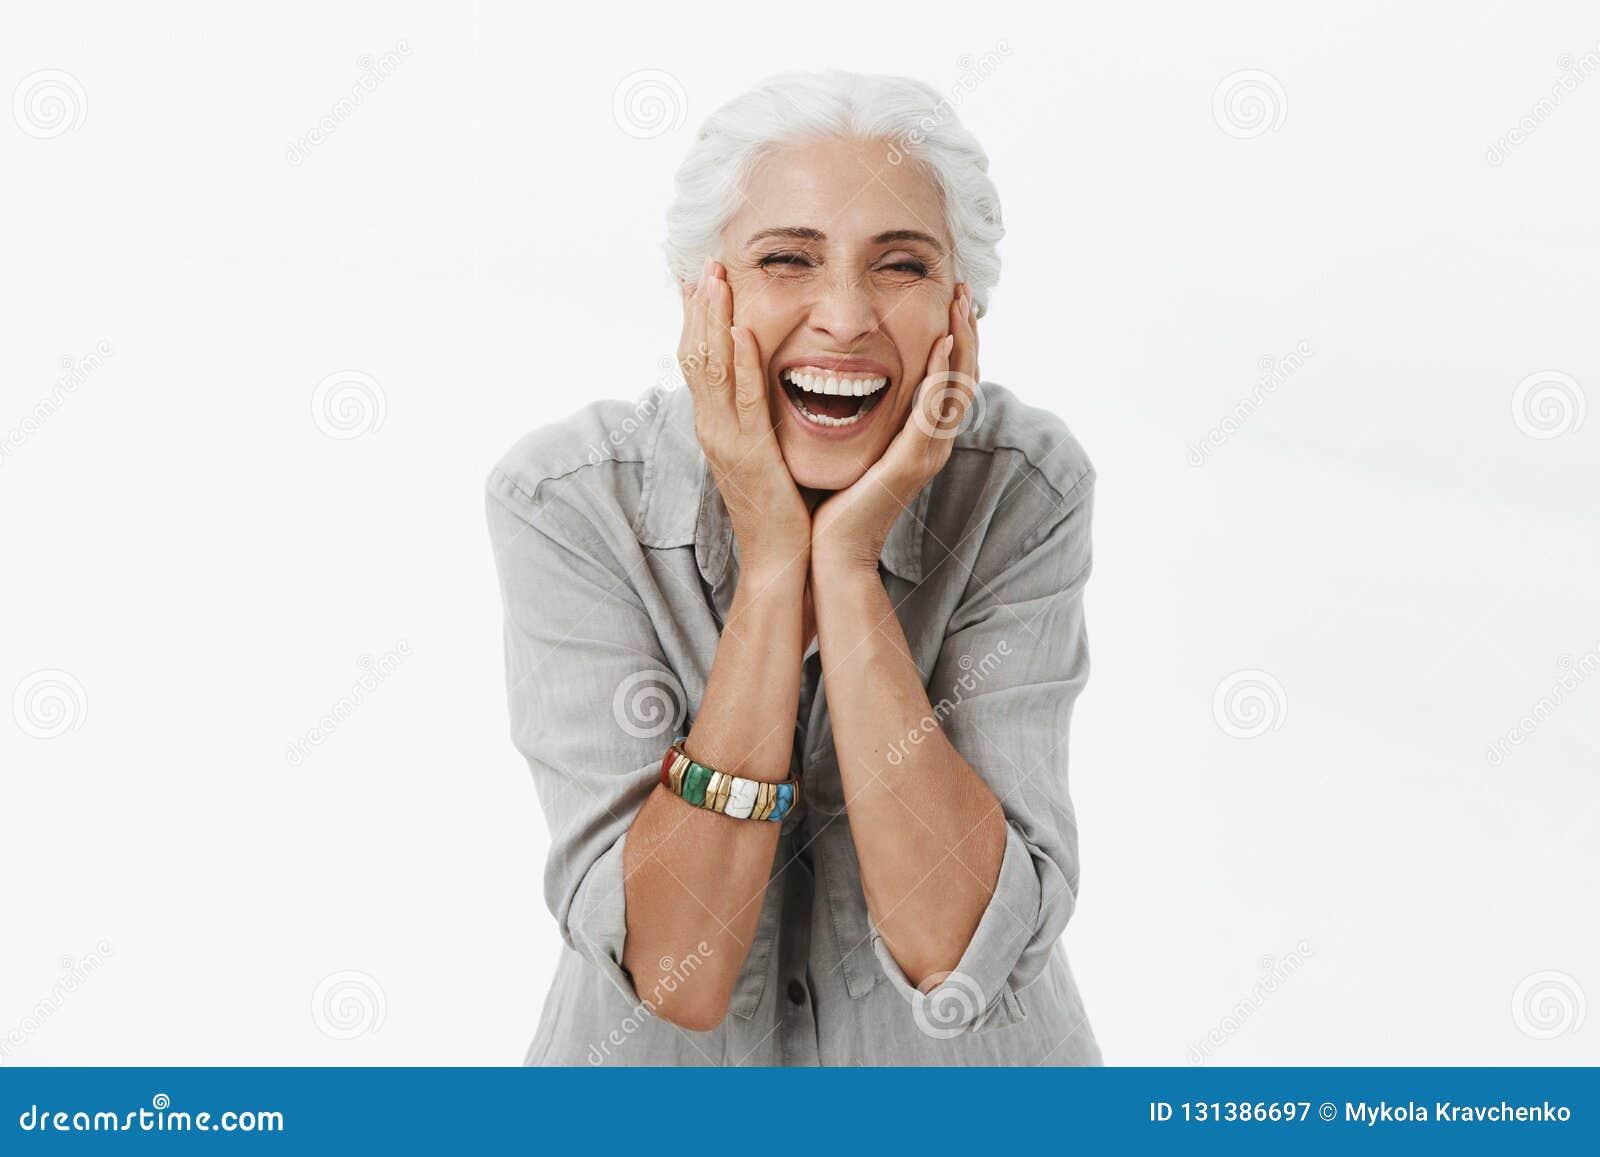 Η ζωή αρχίζει μόνο όταν γεράστε Πορτρέτο της γοητείας της ευτυχούς και ξένοιαστης Ευρωπαίας ανώτερης γυναίκας με το γκρίζο γέλιο